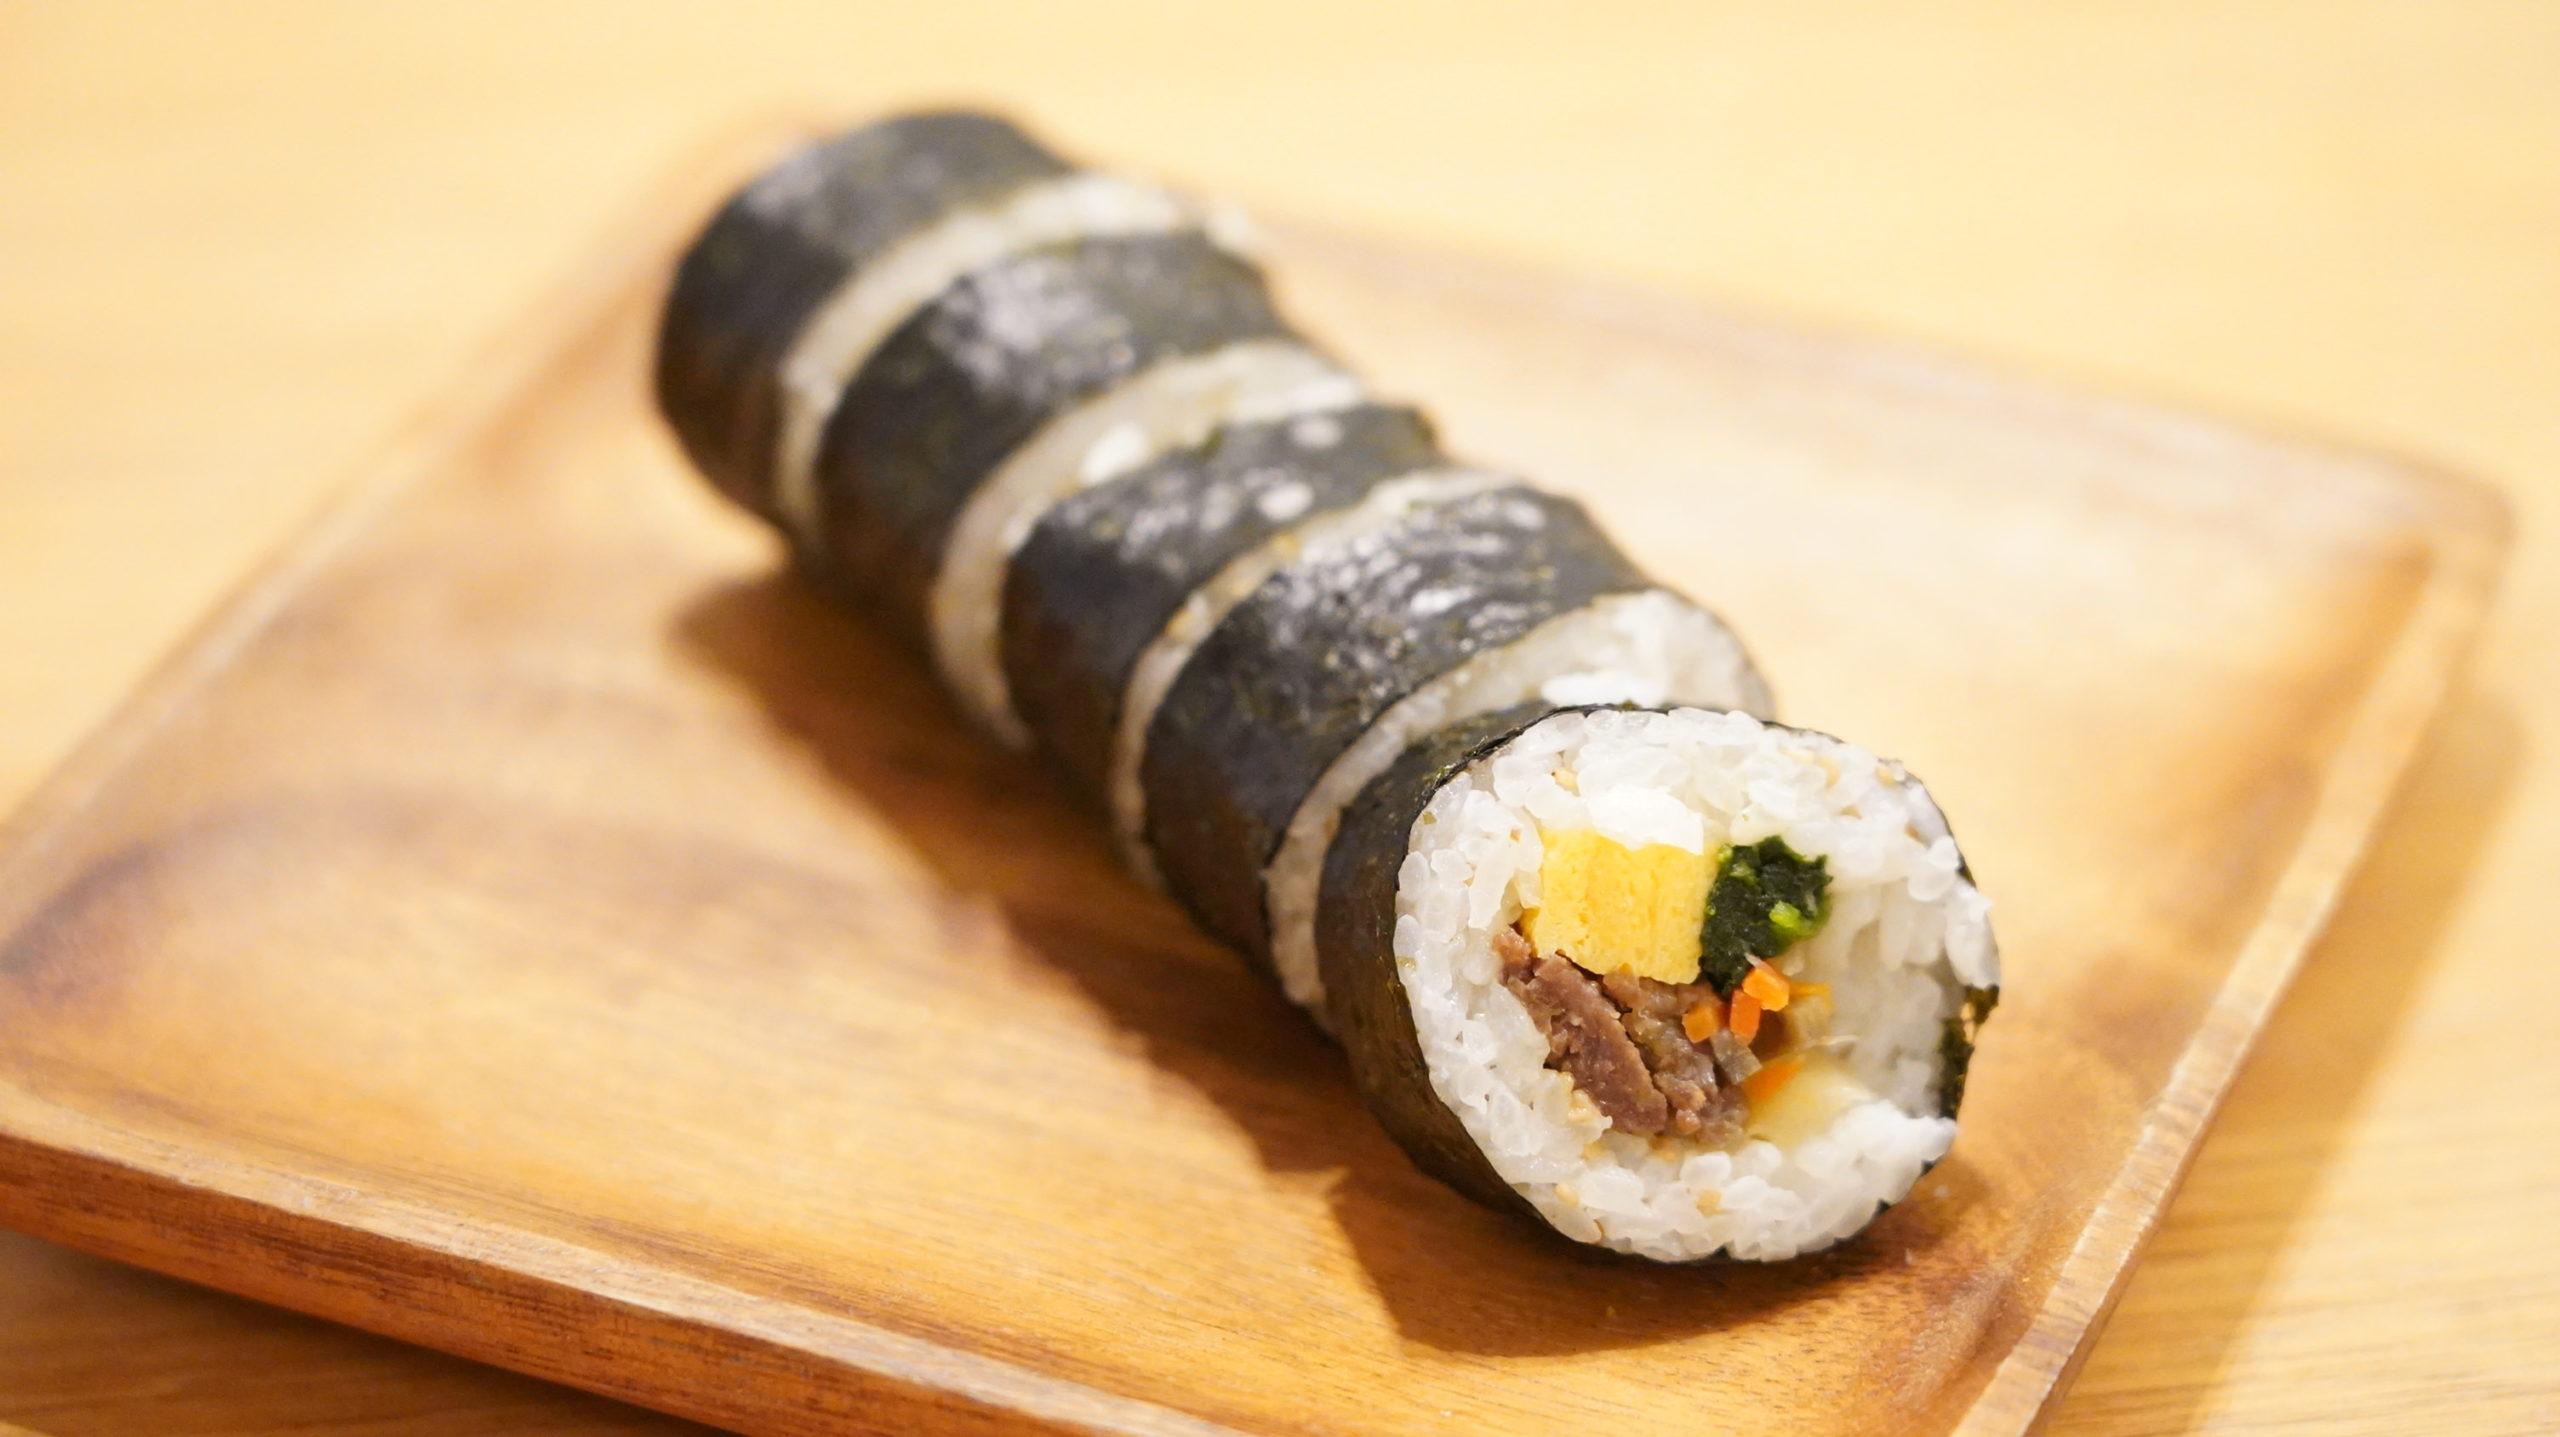 無印良品のおすすめ冷凍食品「キンパ(韓国風のりまき)」の写真